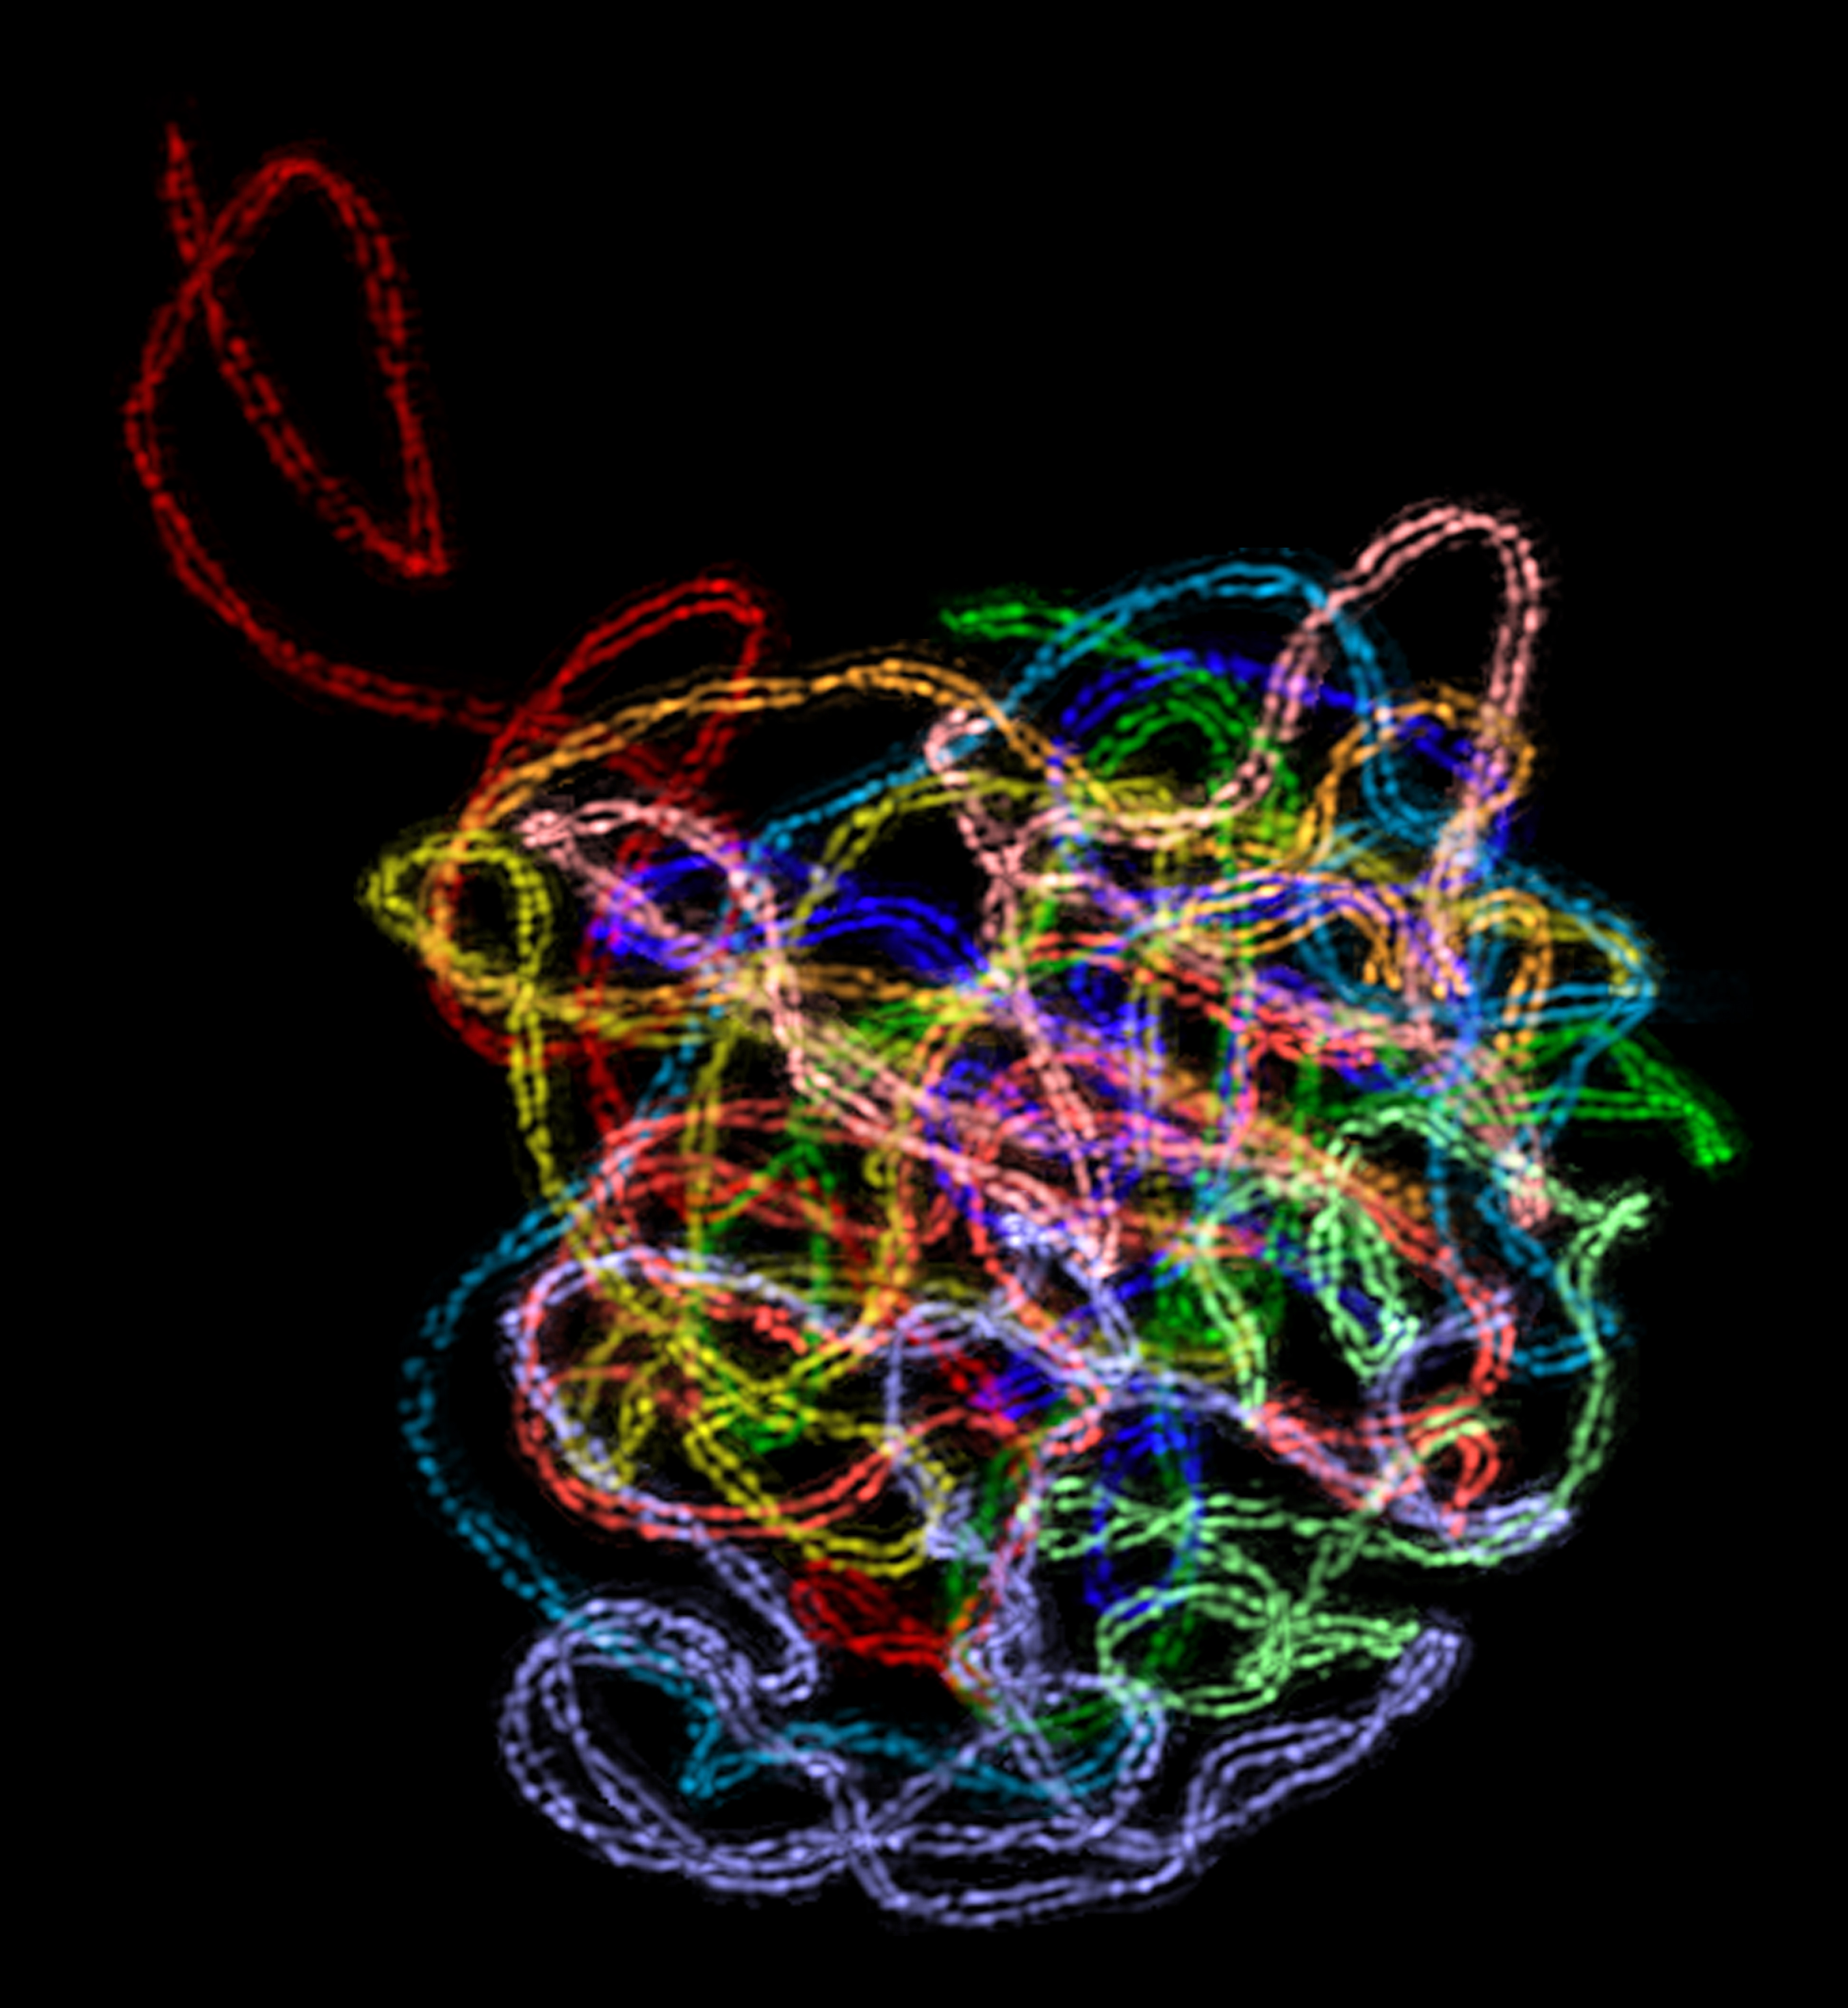 超高解析度螢光顯微鏡中的世界不只美,更能發現人類肉眼看不到的細胞奧妙, 圖中可以看見玉米染色體的「聯會複合體」結構。 此照片獲得 2009 年 OLYMPUS BioScapes 比賽世界第二名。 顯微鏡攝影│王中茹